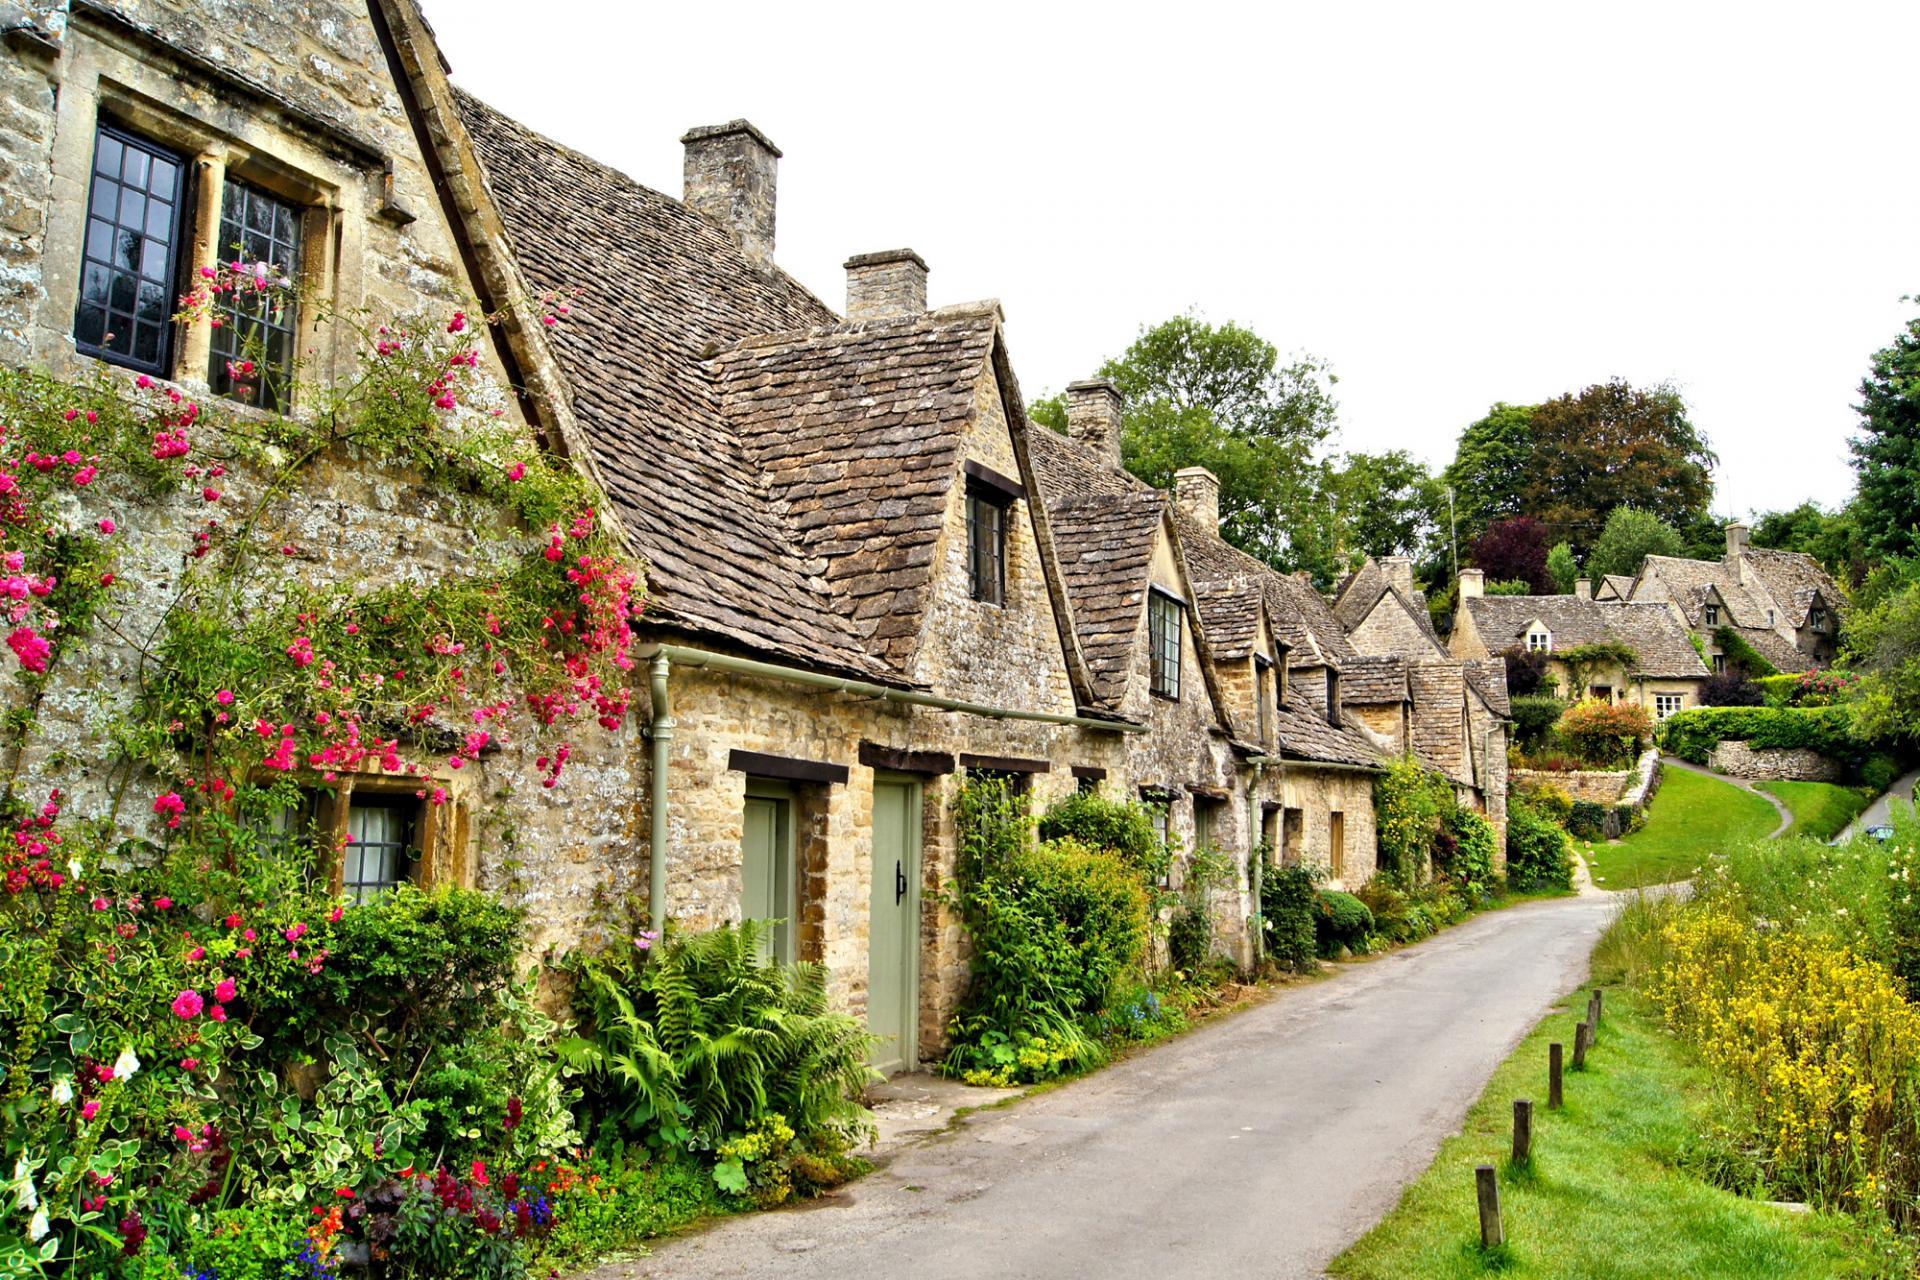 Excursiones desde Londres al entorno rural de inglaterra